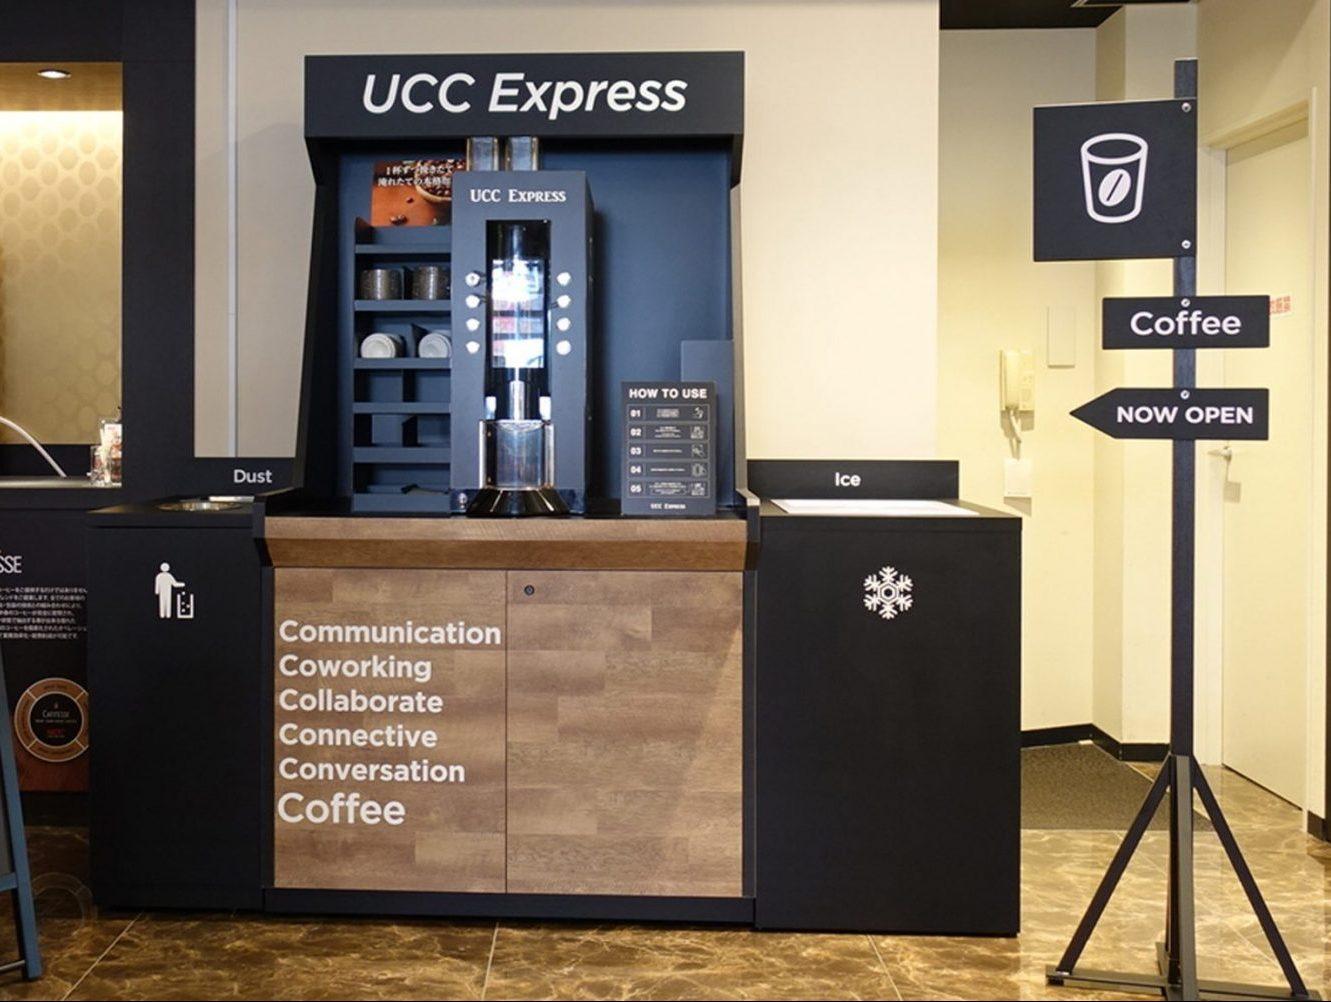 東京のUCCコーヒーアカデミーに設置された無人型コーヒースタンド「UCC Express」の画像